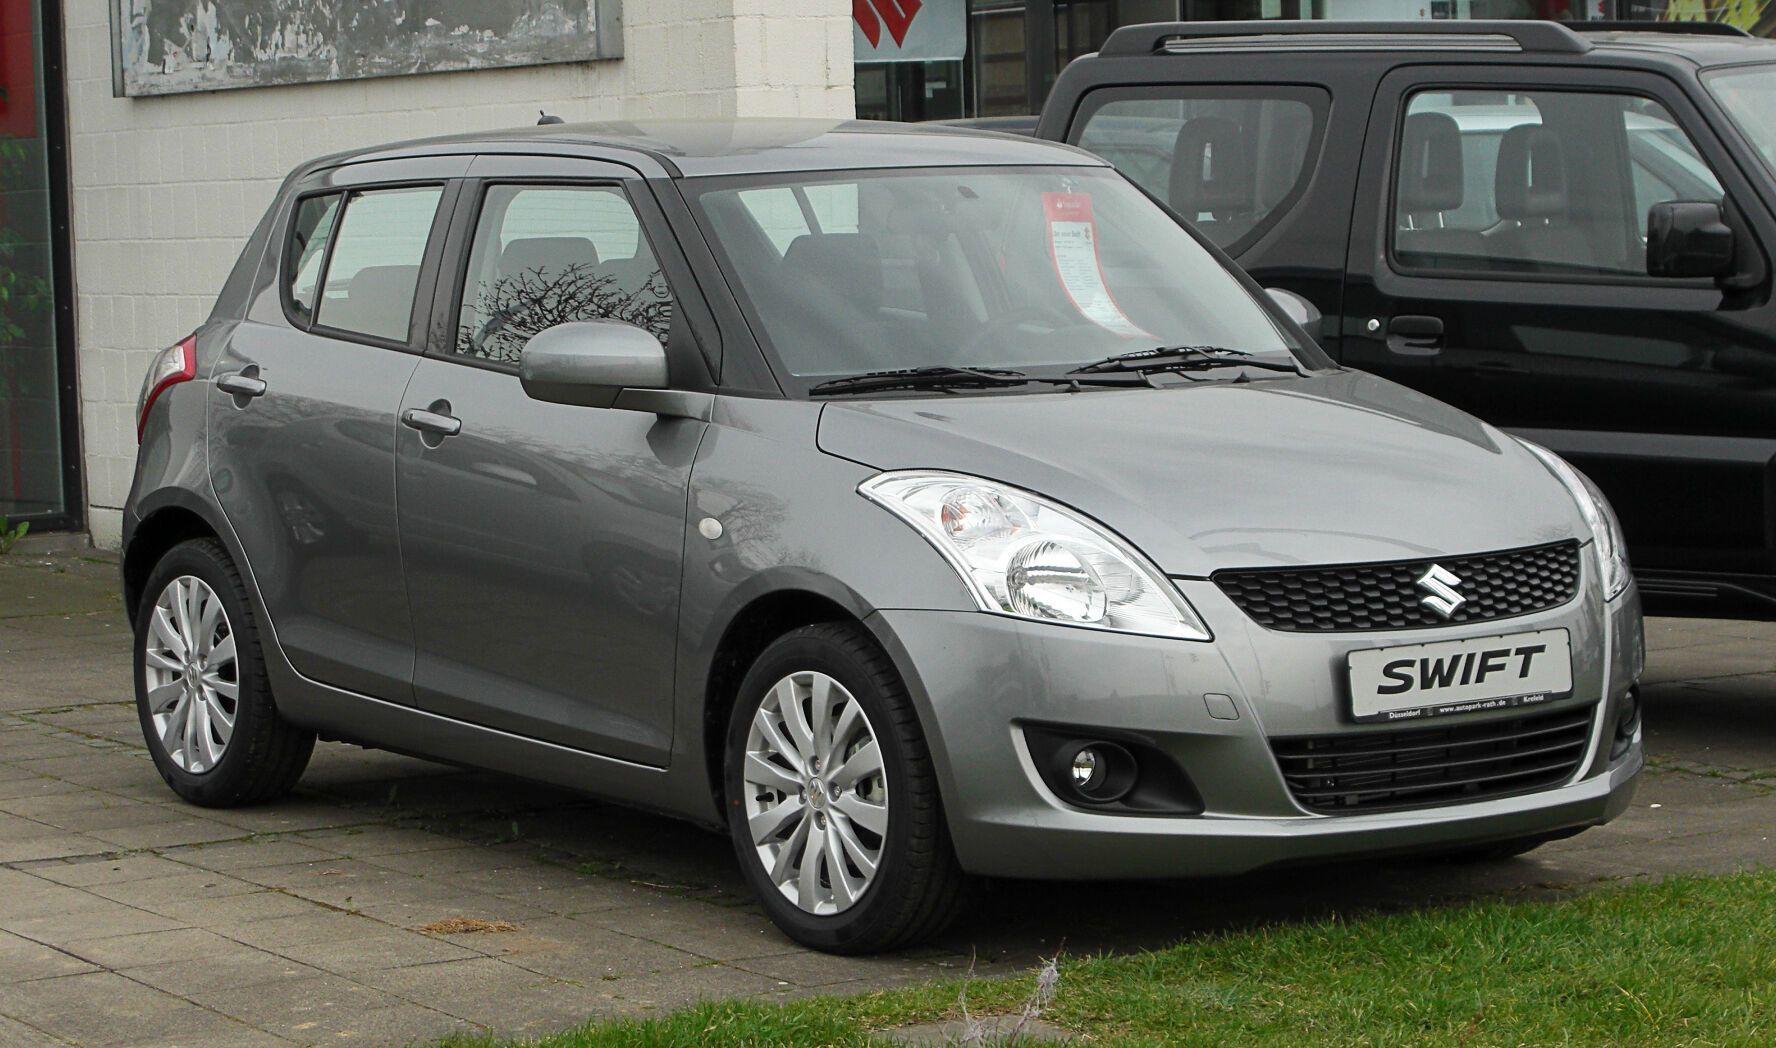 Suzuki Swift визнали одним з найнадійніших невеликих авто